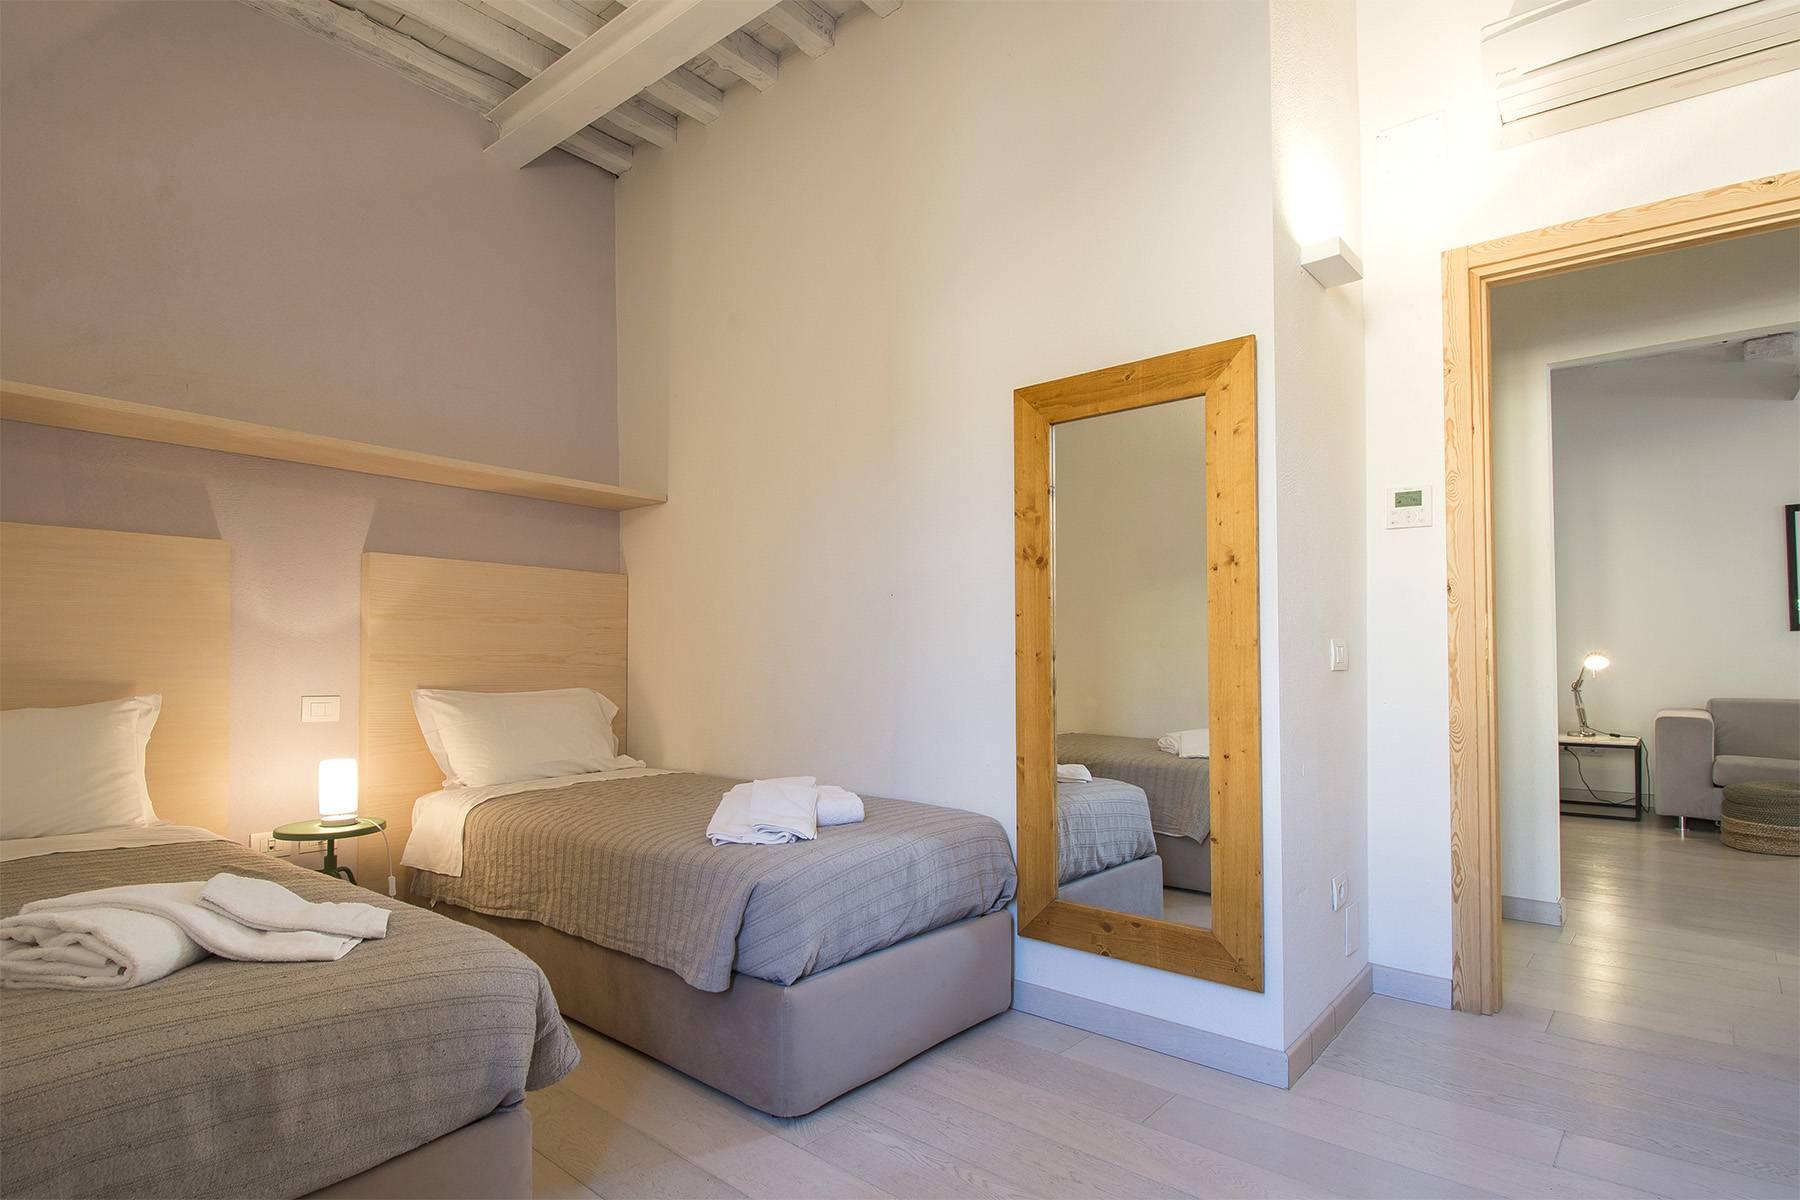 Appartamento in Vendita a Lucca: 3 locali, 105 mq - Foto 5